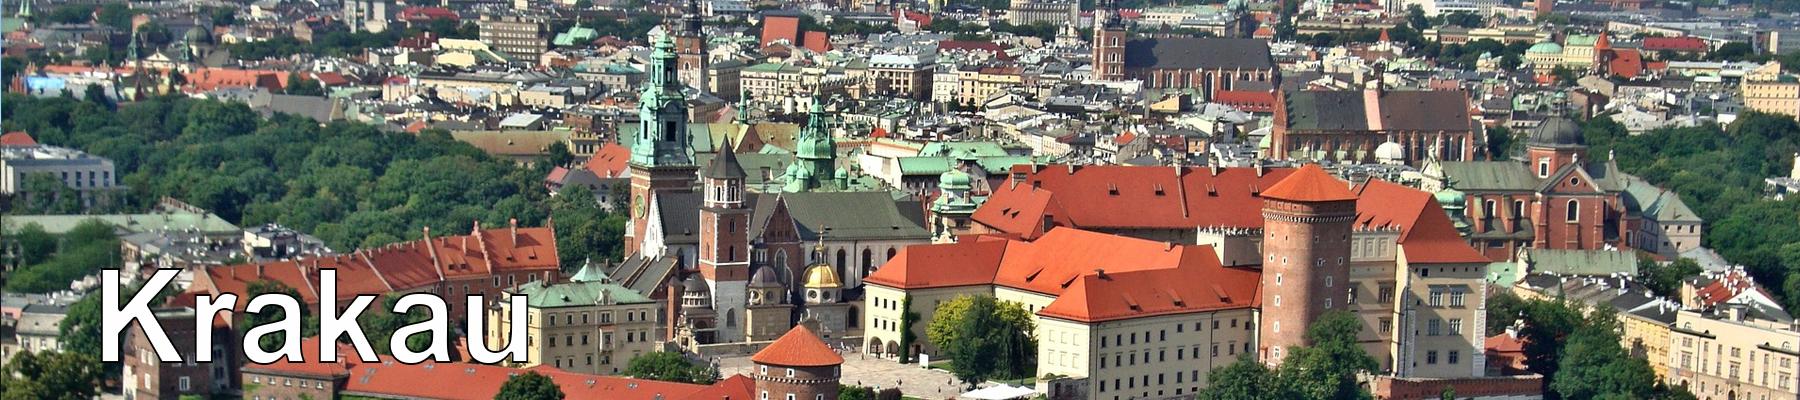 Krakau: De mooiste en swingendste stad van Polen